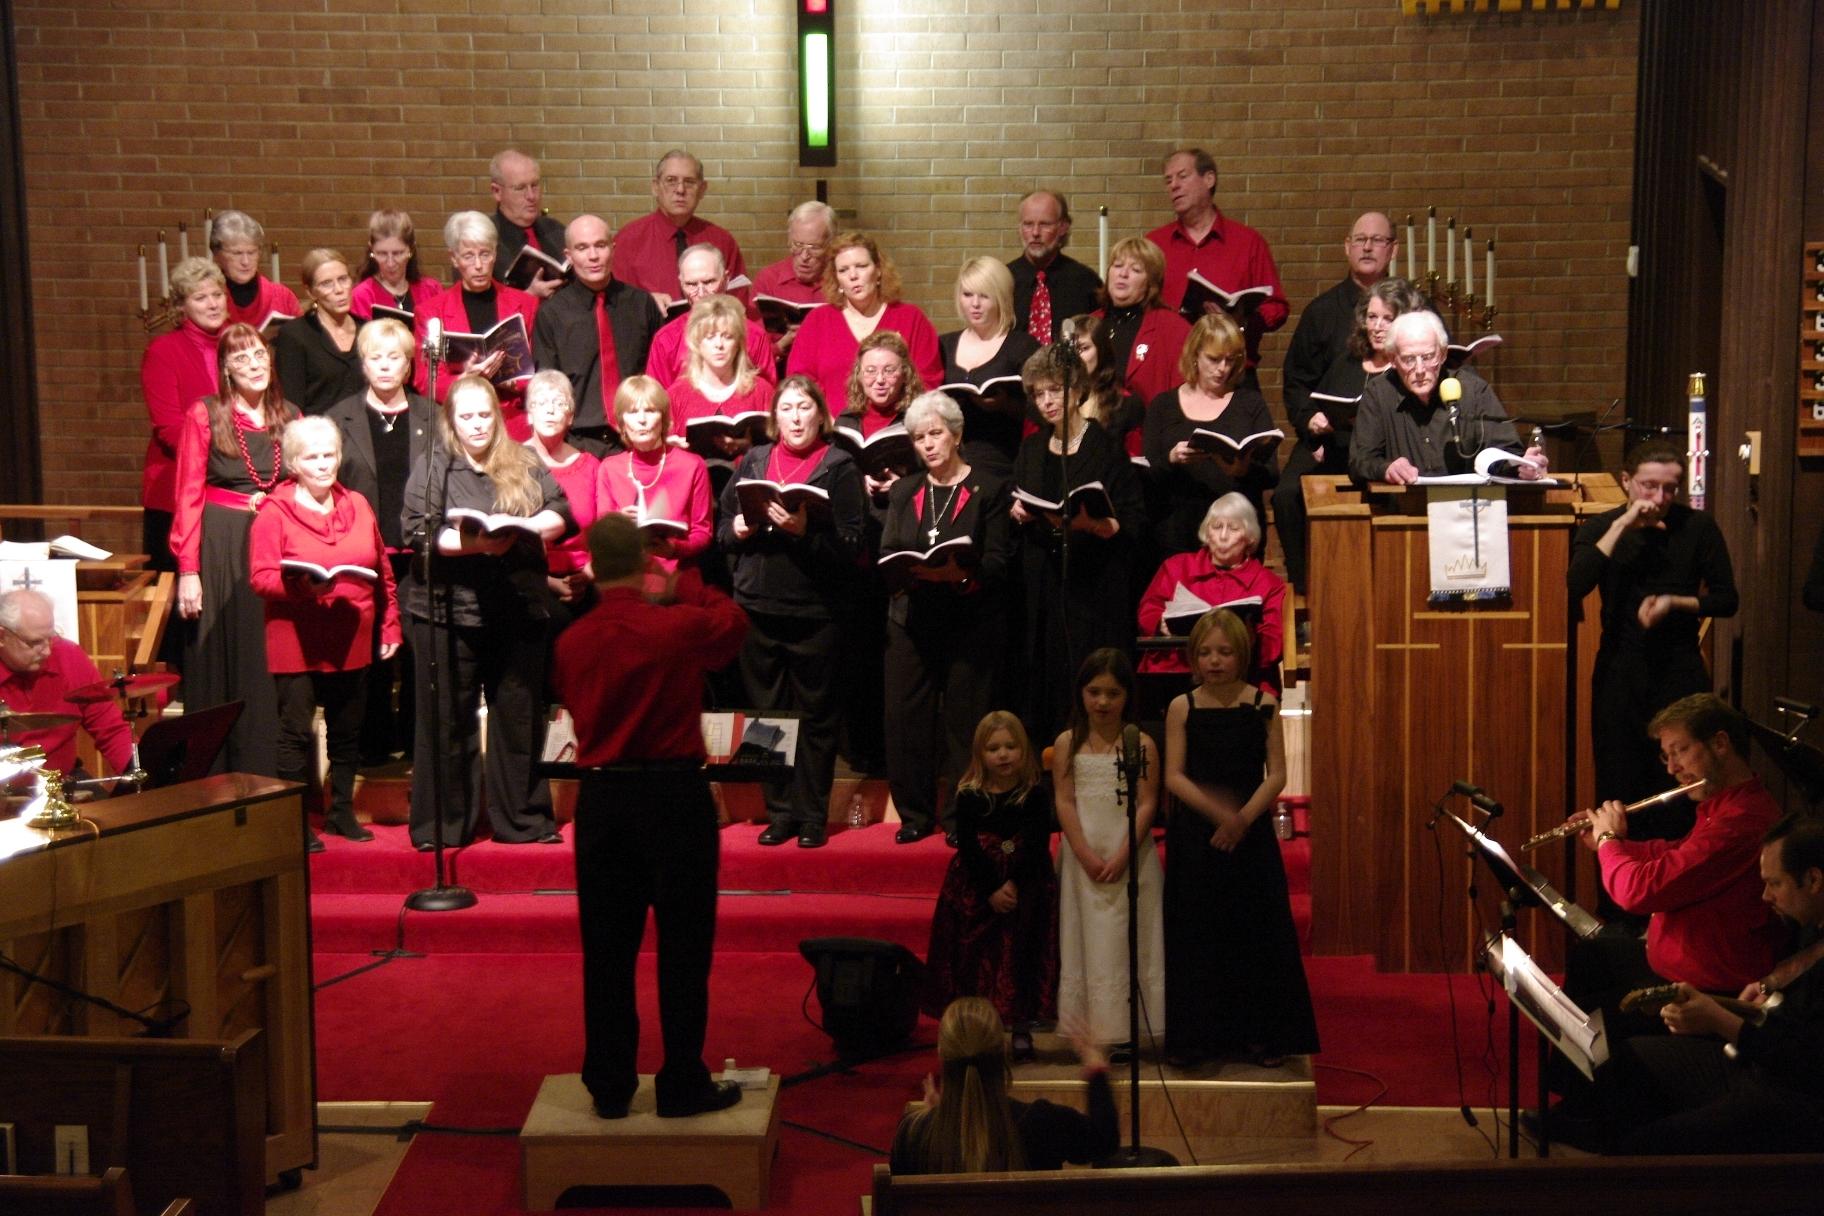 cantata-st-john20091209026